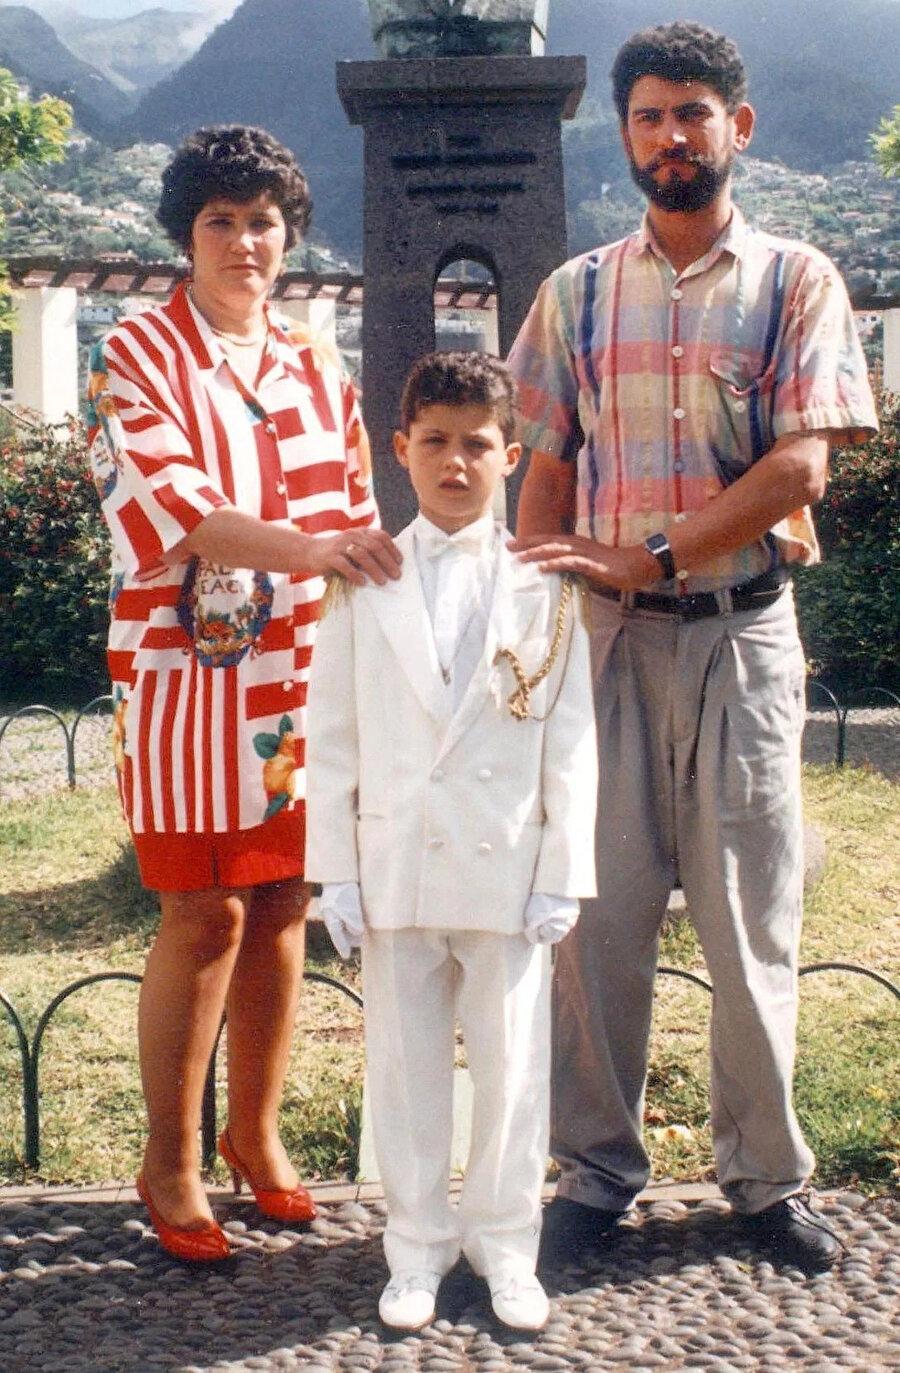 Cristiano Ronaldo, annesi ve babasıyla birlikte.